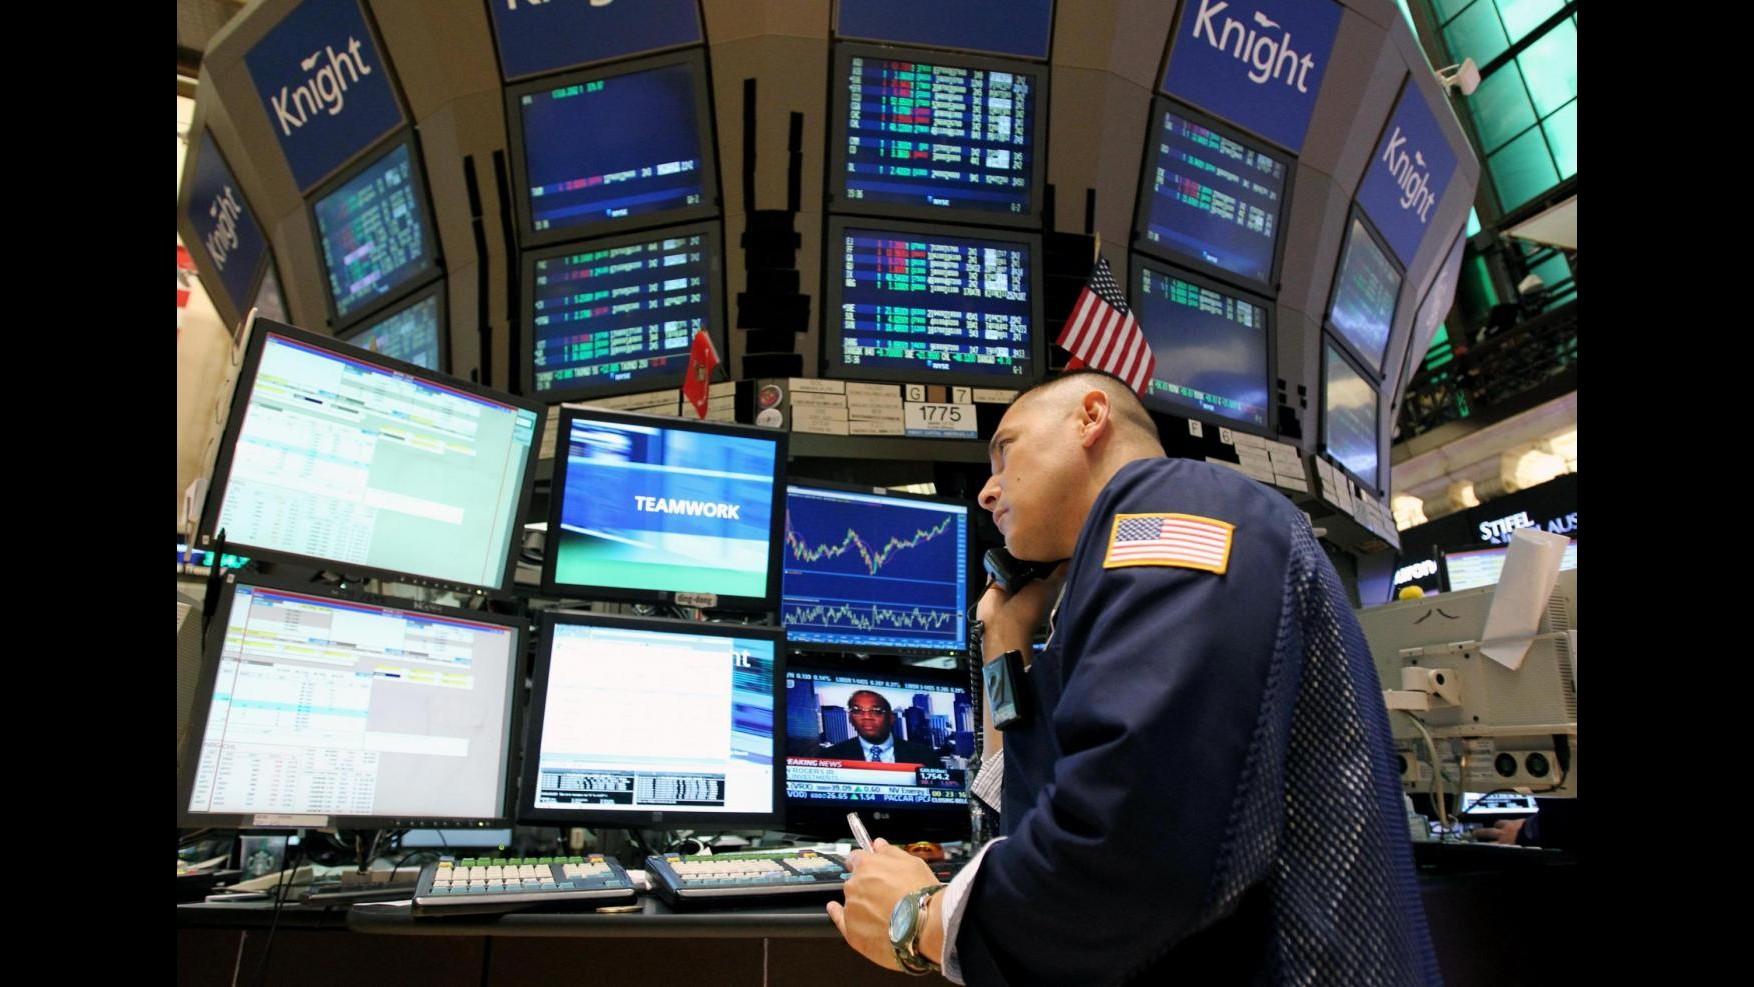 Borsa, Piazza Affari apre in calo: Mib -0.19%